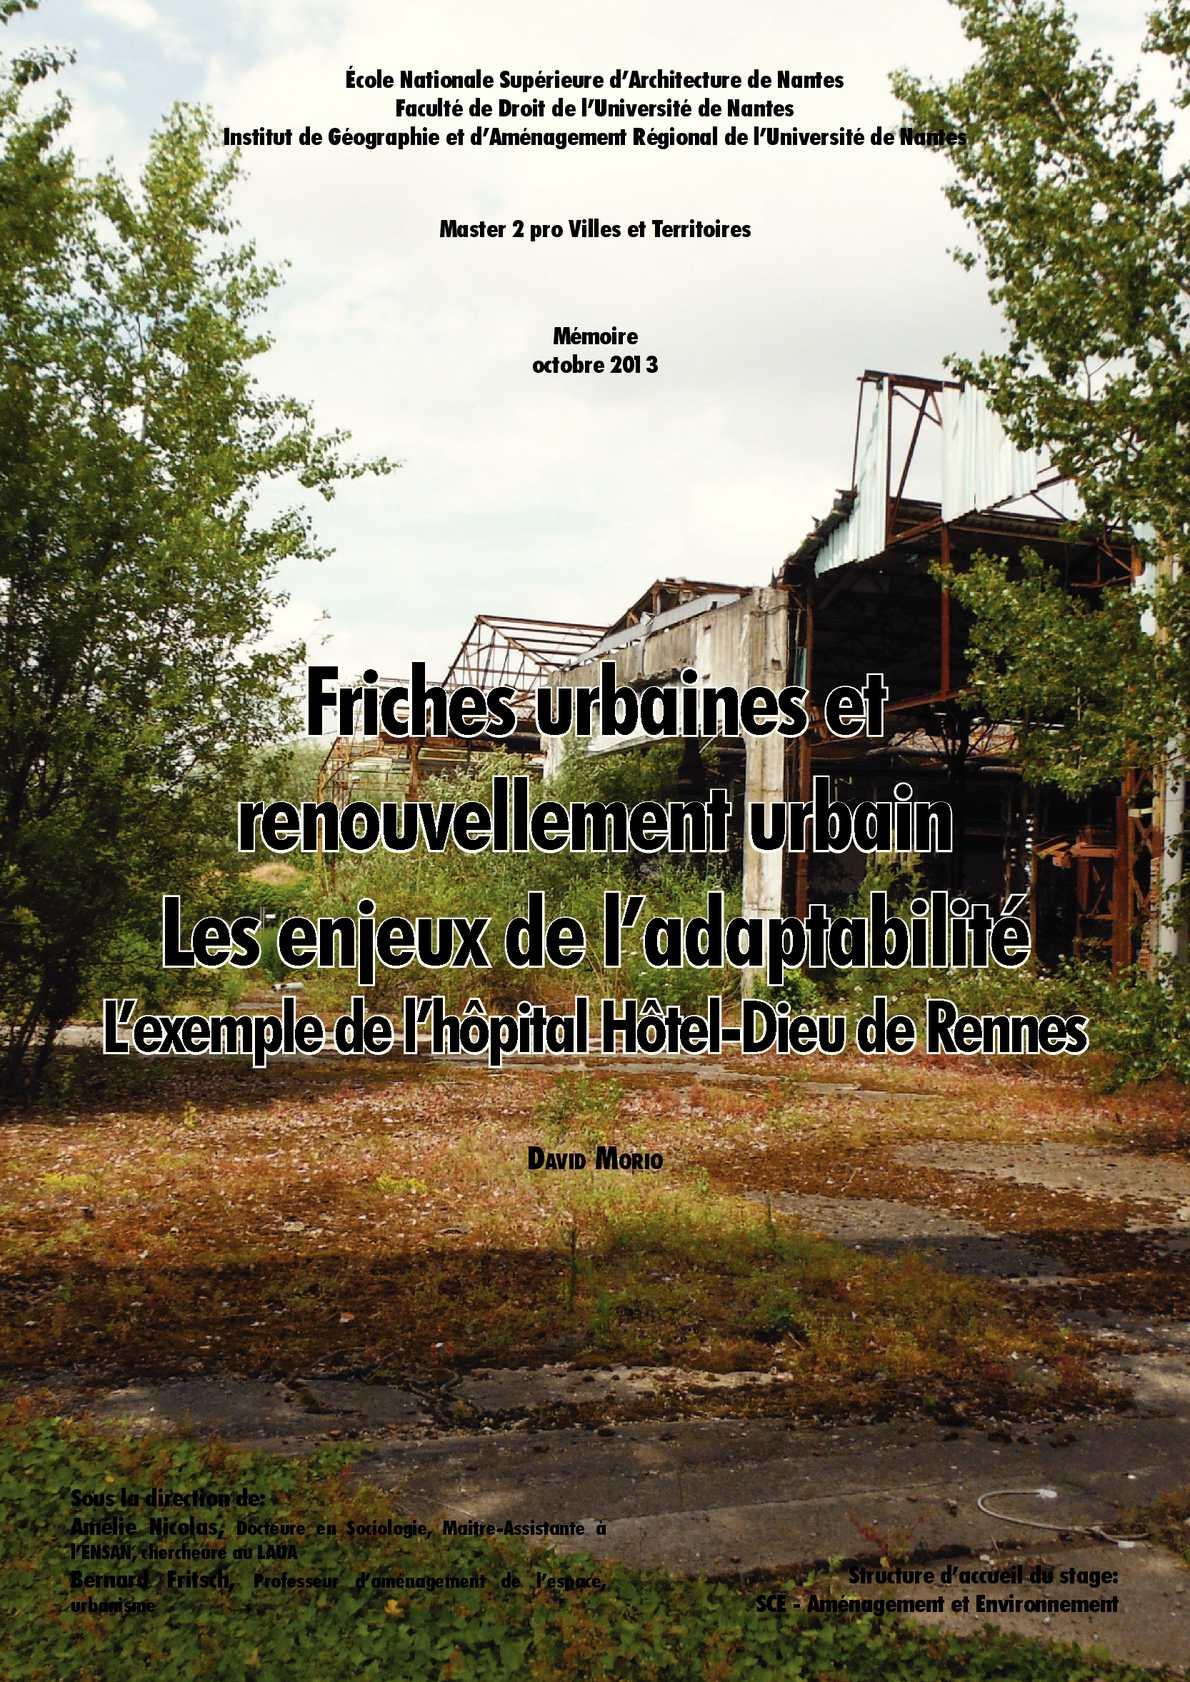 Friches urbaines et renouvellement urbain, les enjeux de l'adaptabilité - L'exemple de l'hôpital Hôtel-Dieu de Rennes